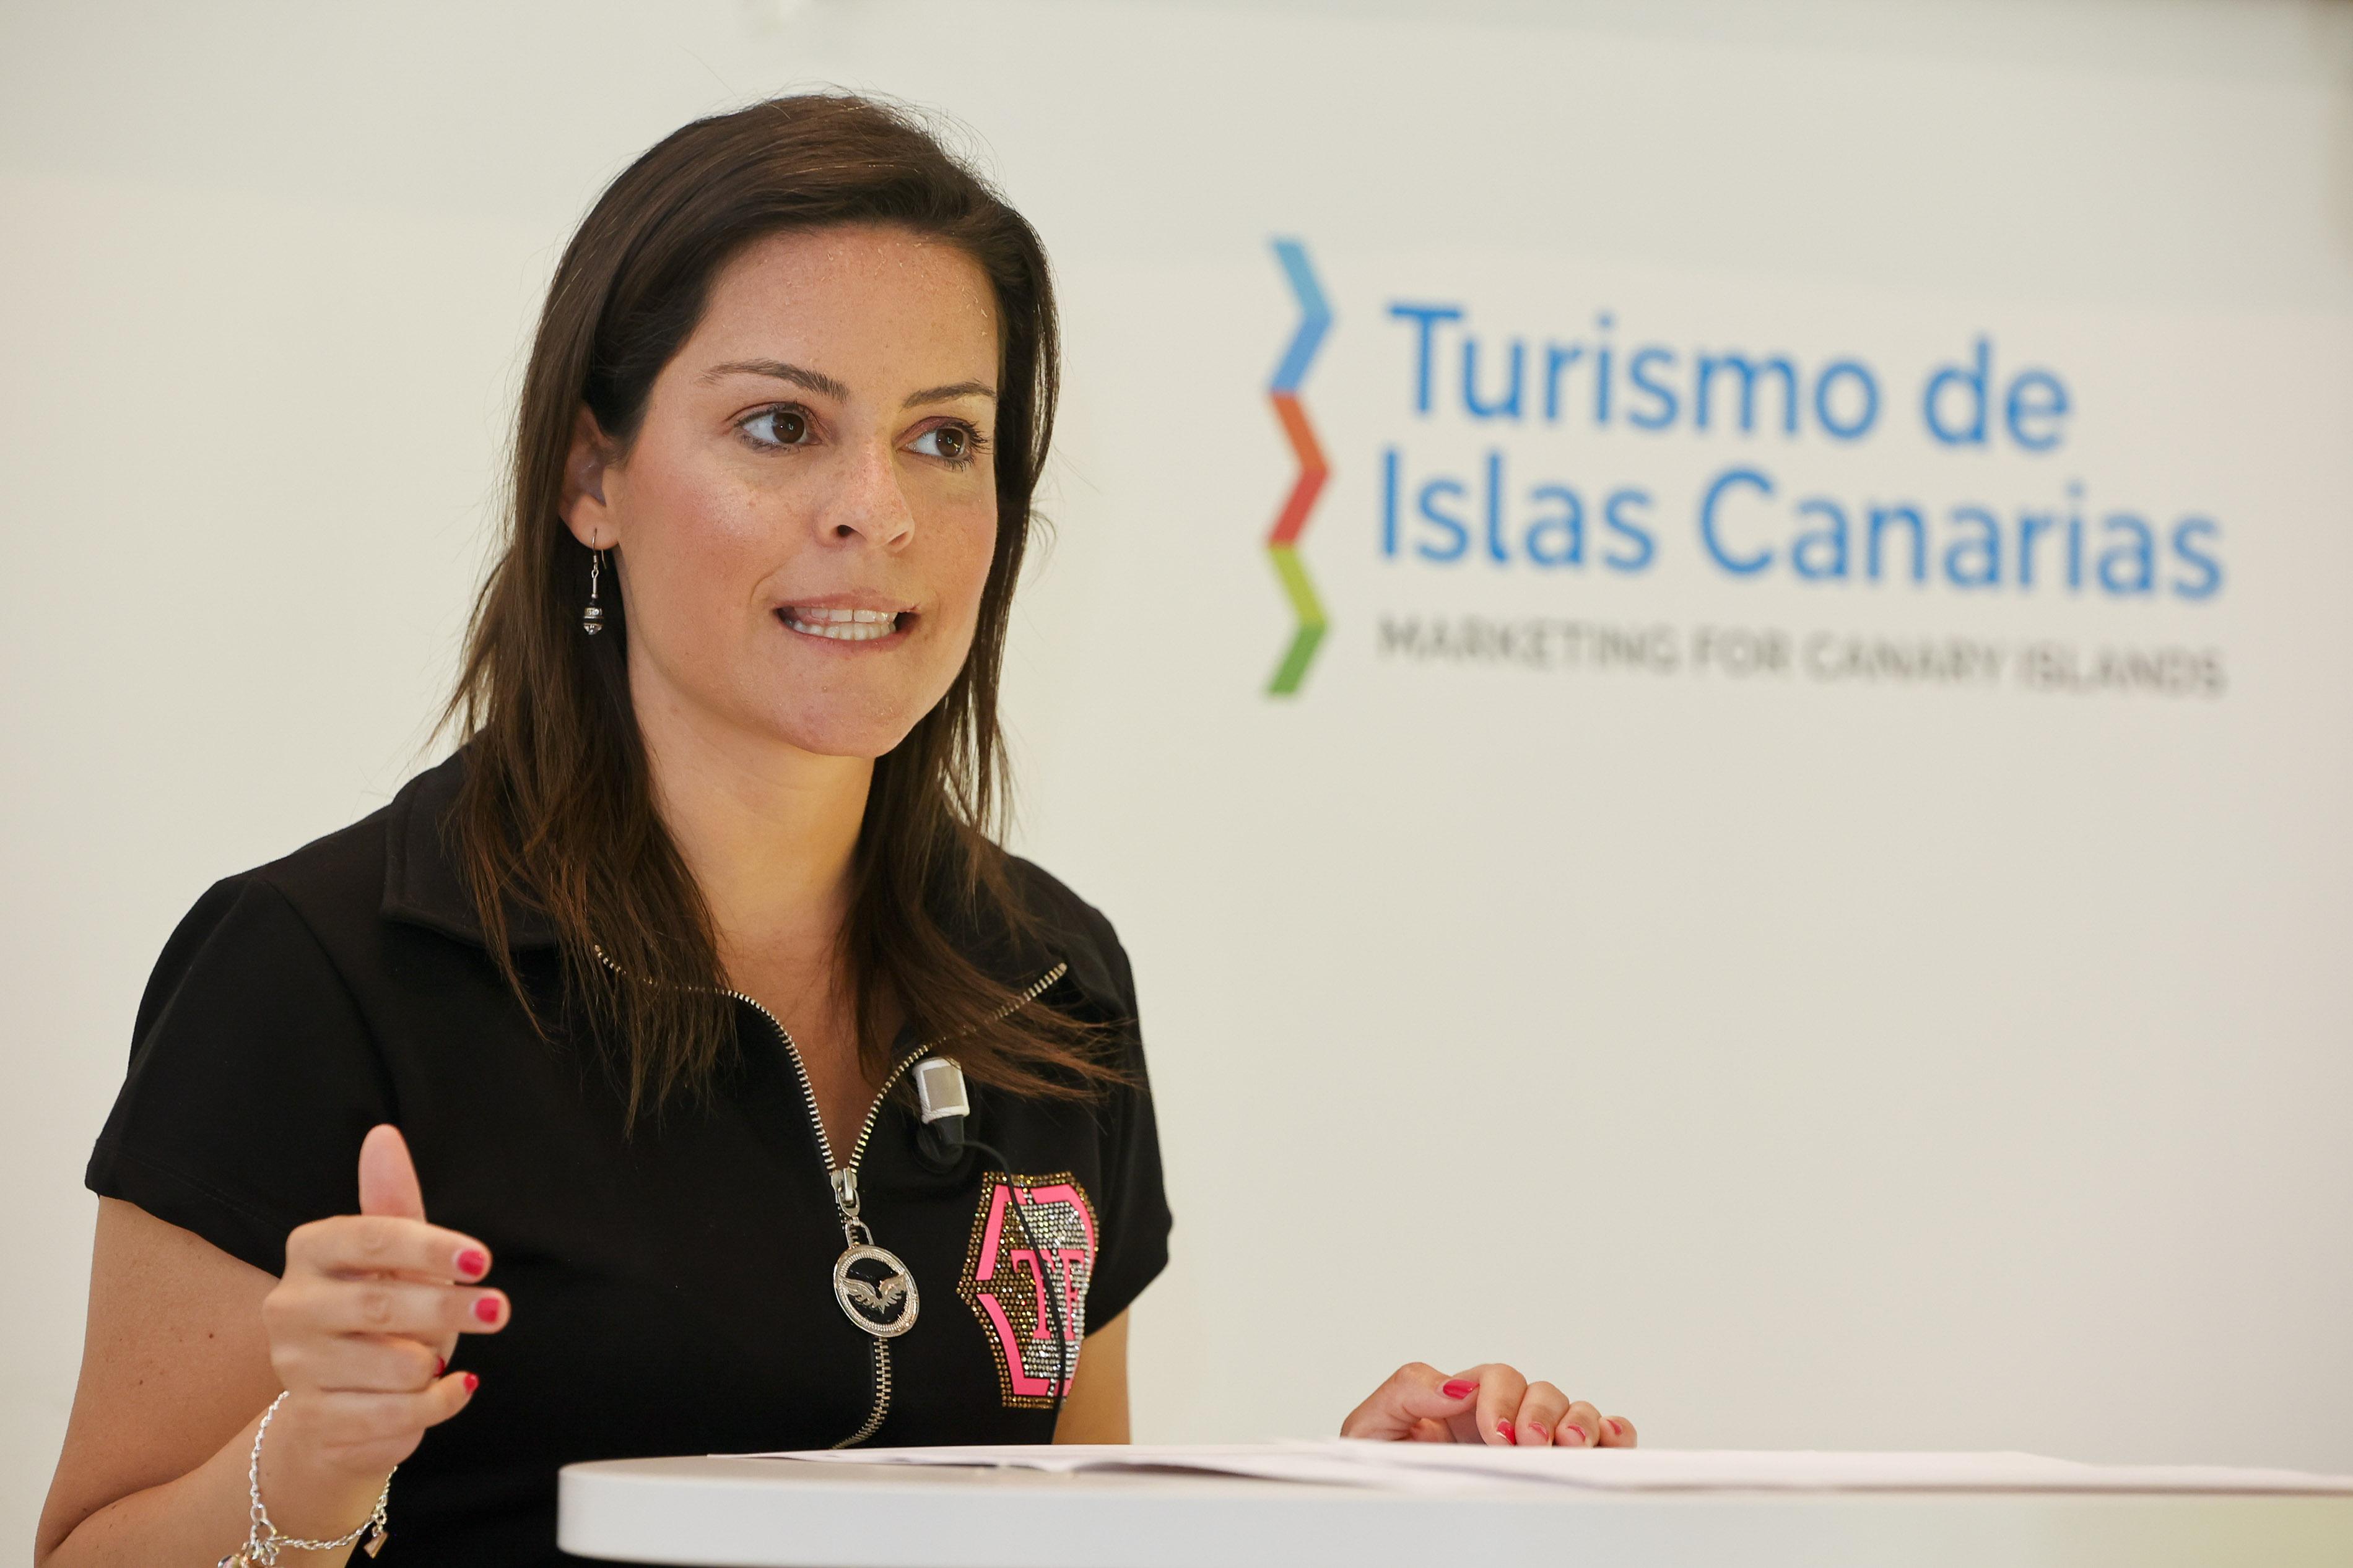 Castilla reconoce decisión Reino Unido impulsará reservas.